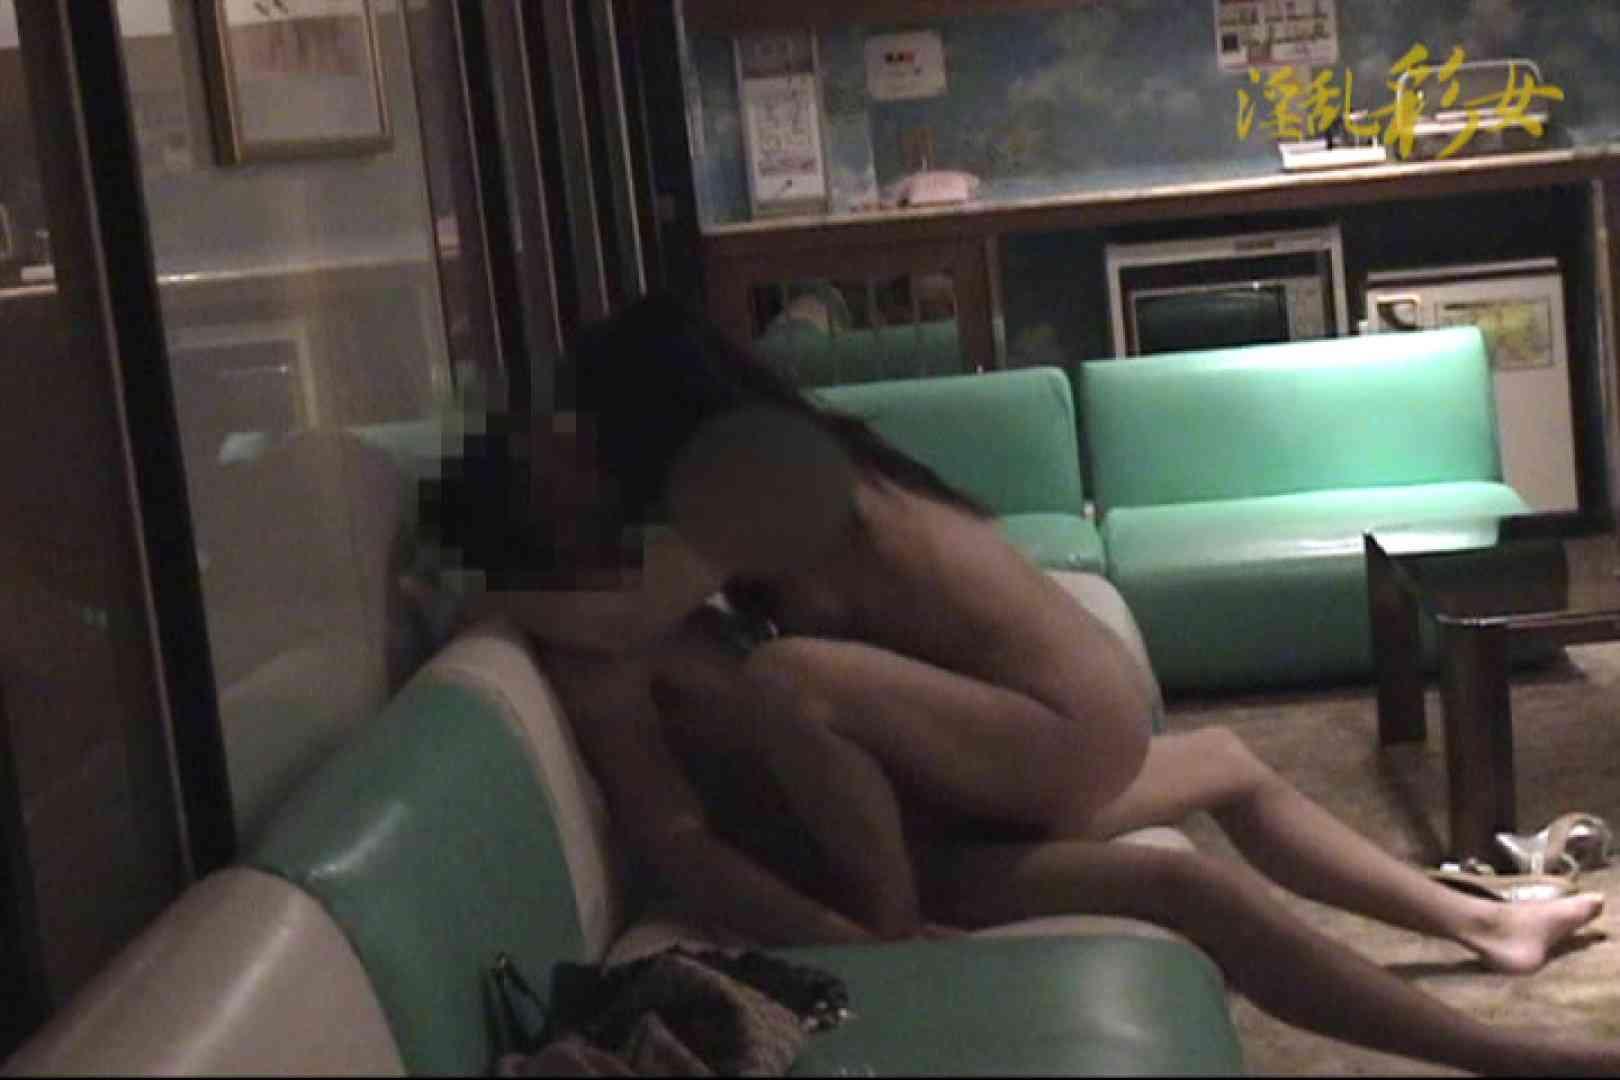 淫乱彩女 麻優里 ホテルで3P絶倫編2 SEX セックス画像 61PIX 30